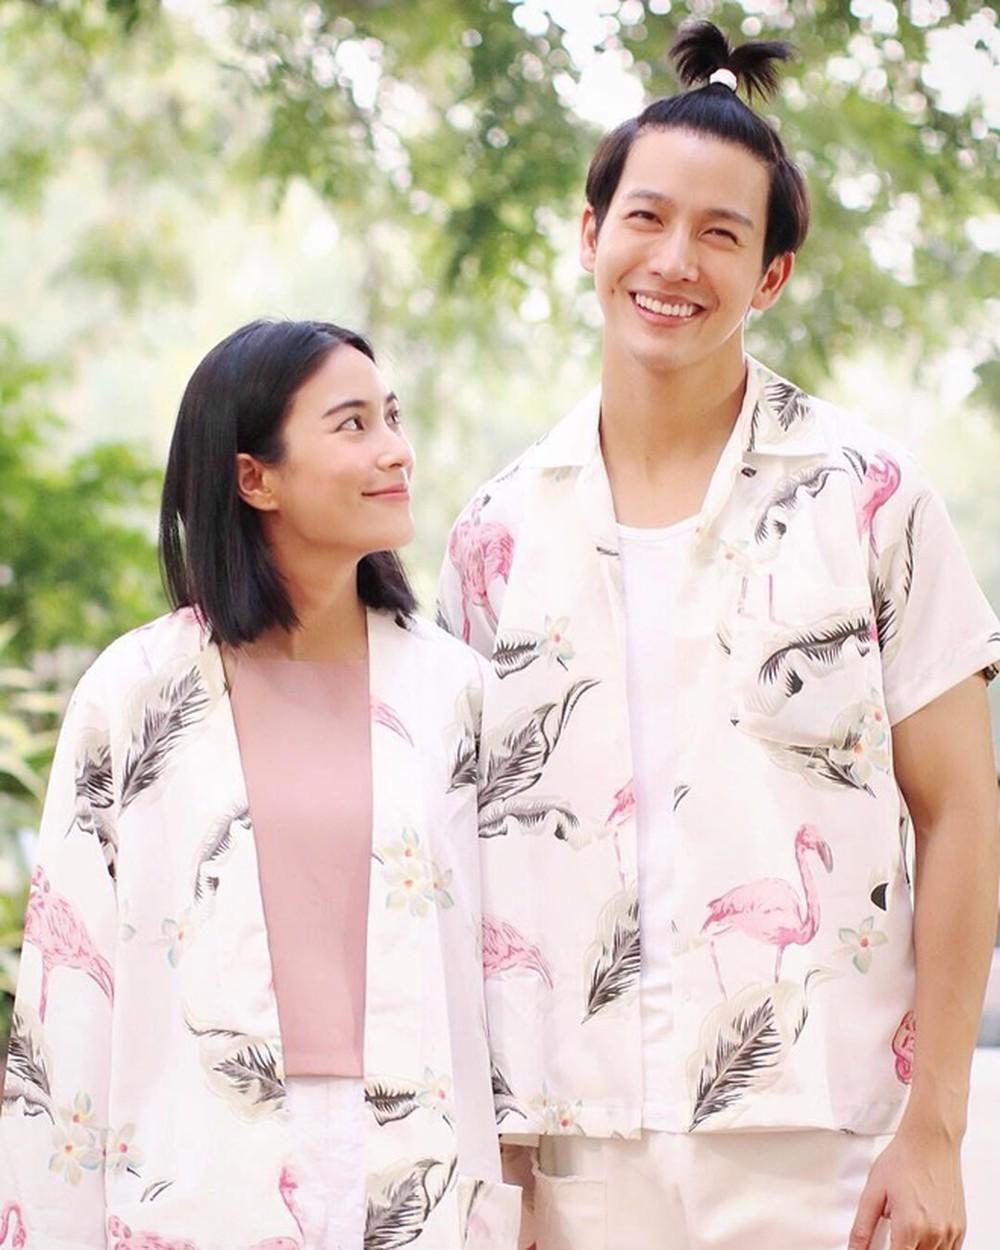 Ông chú Push Puttichai trong Chiếc Lá Bay: Từ DJ ít tiếng tăm đến thánh ngoại tình của màn ảnh Thái - Ảnh 10.